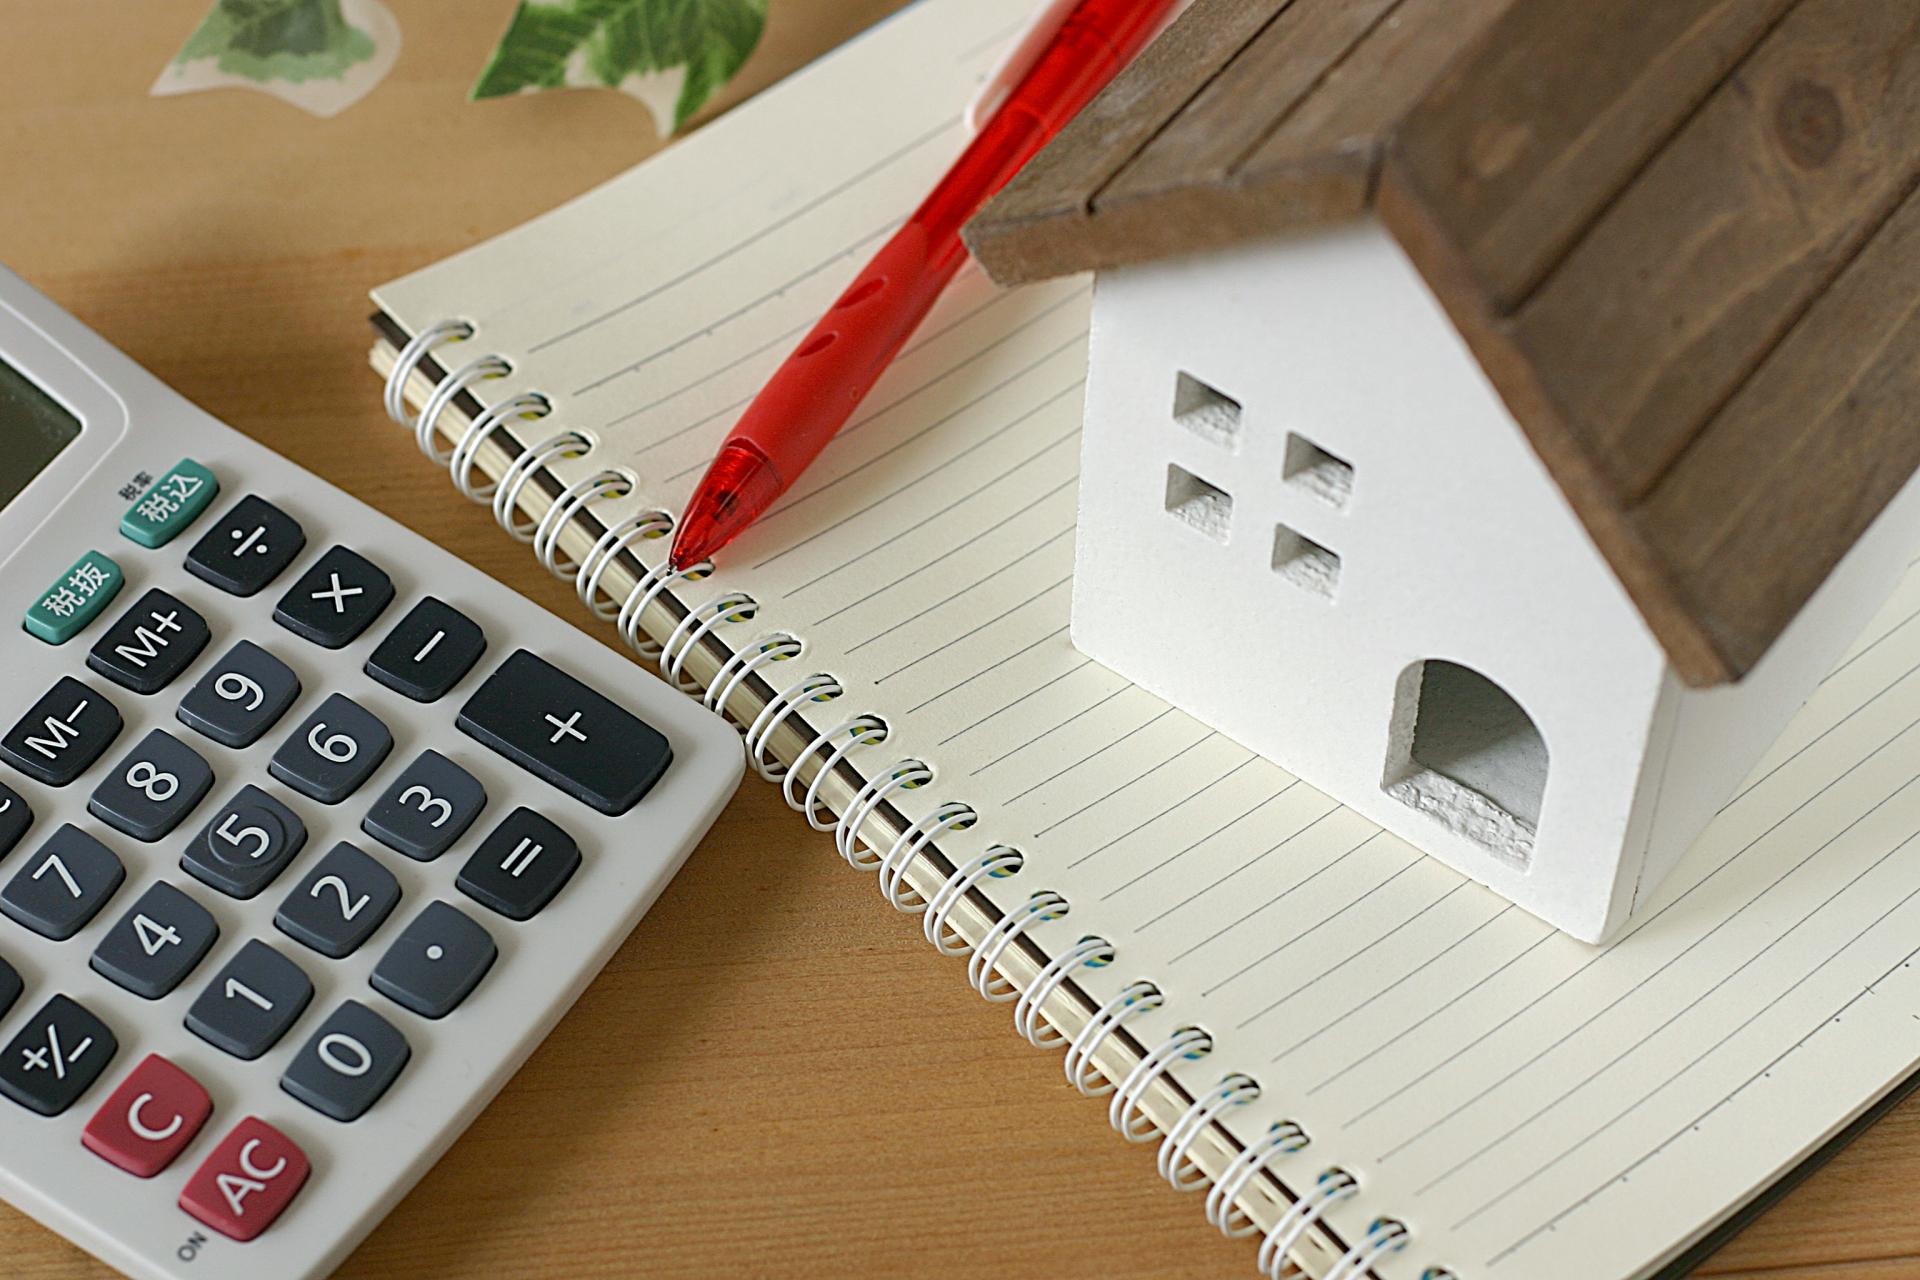 住宅ローンの生命保険金受取時に税金がかかる!?